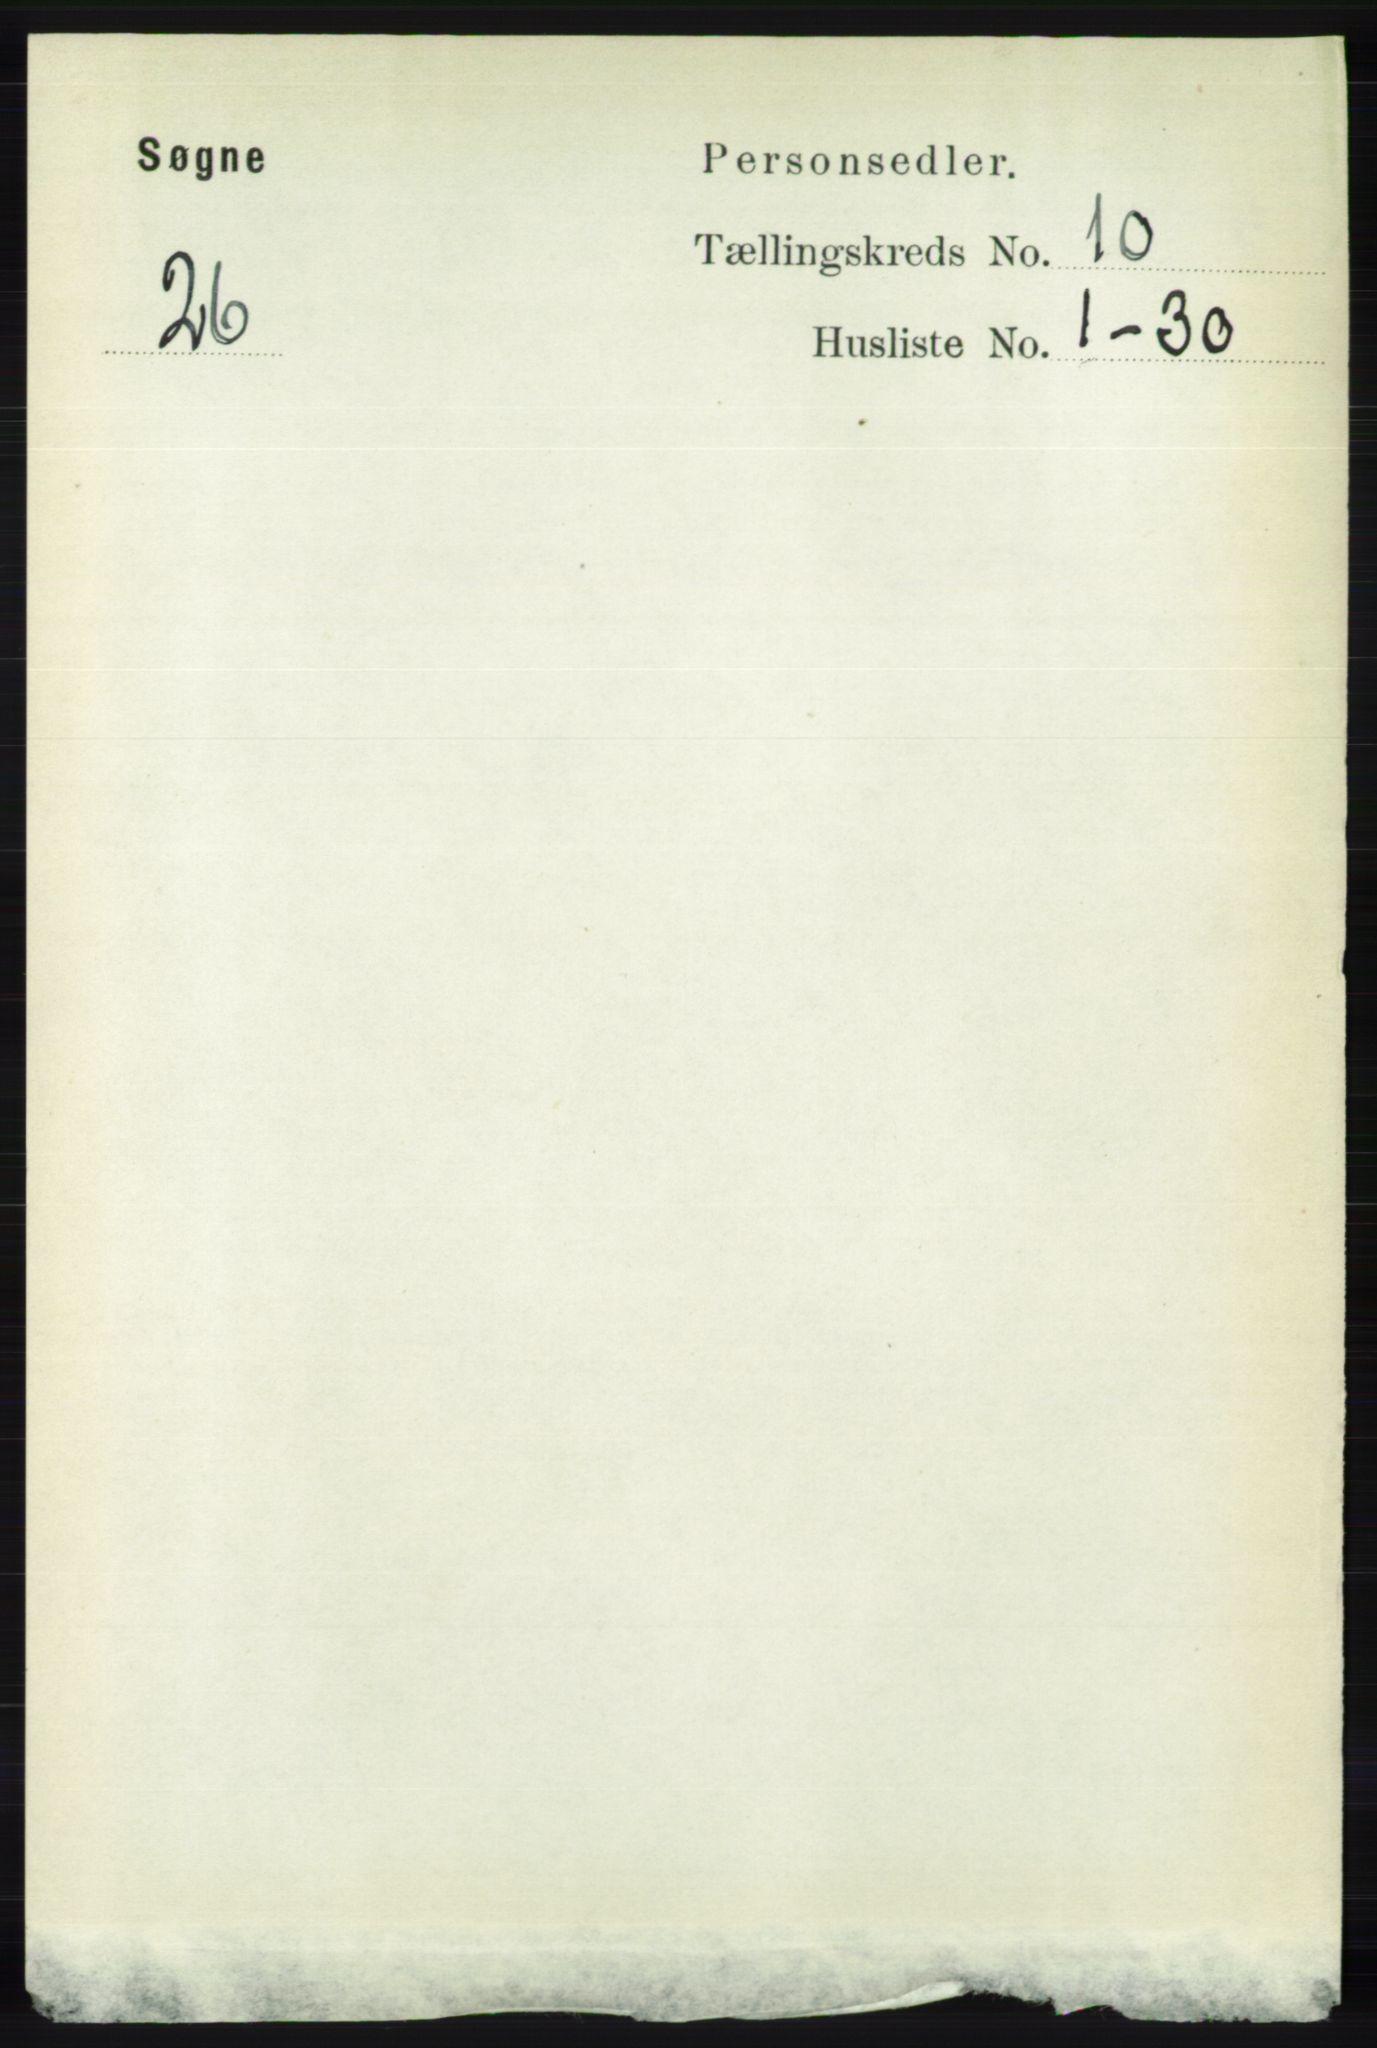 RA, Folketelling 1891 for 1018 Søgne herred, 1891, s. 2709